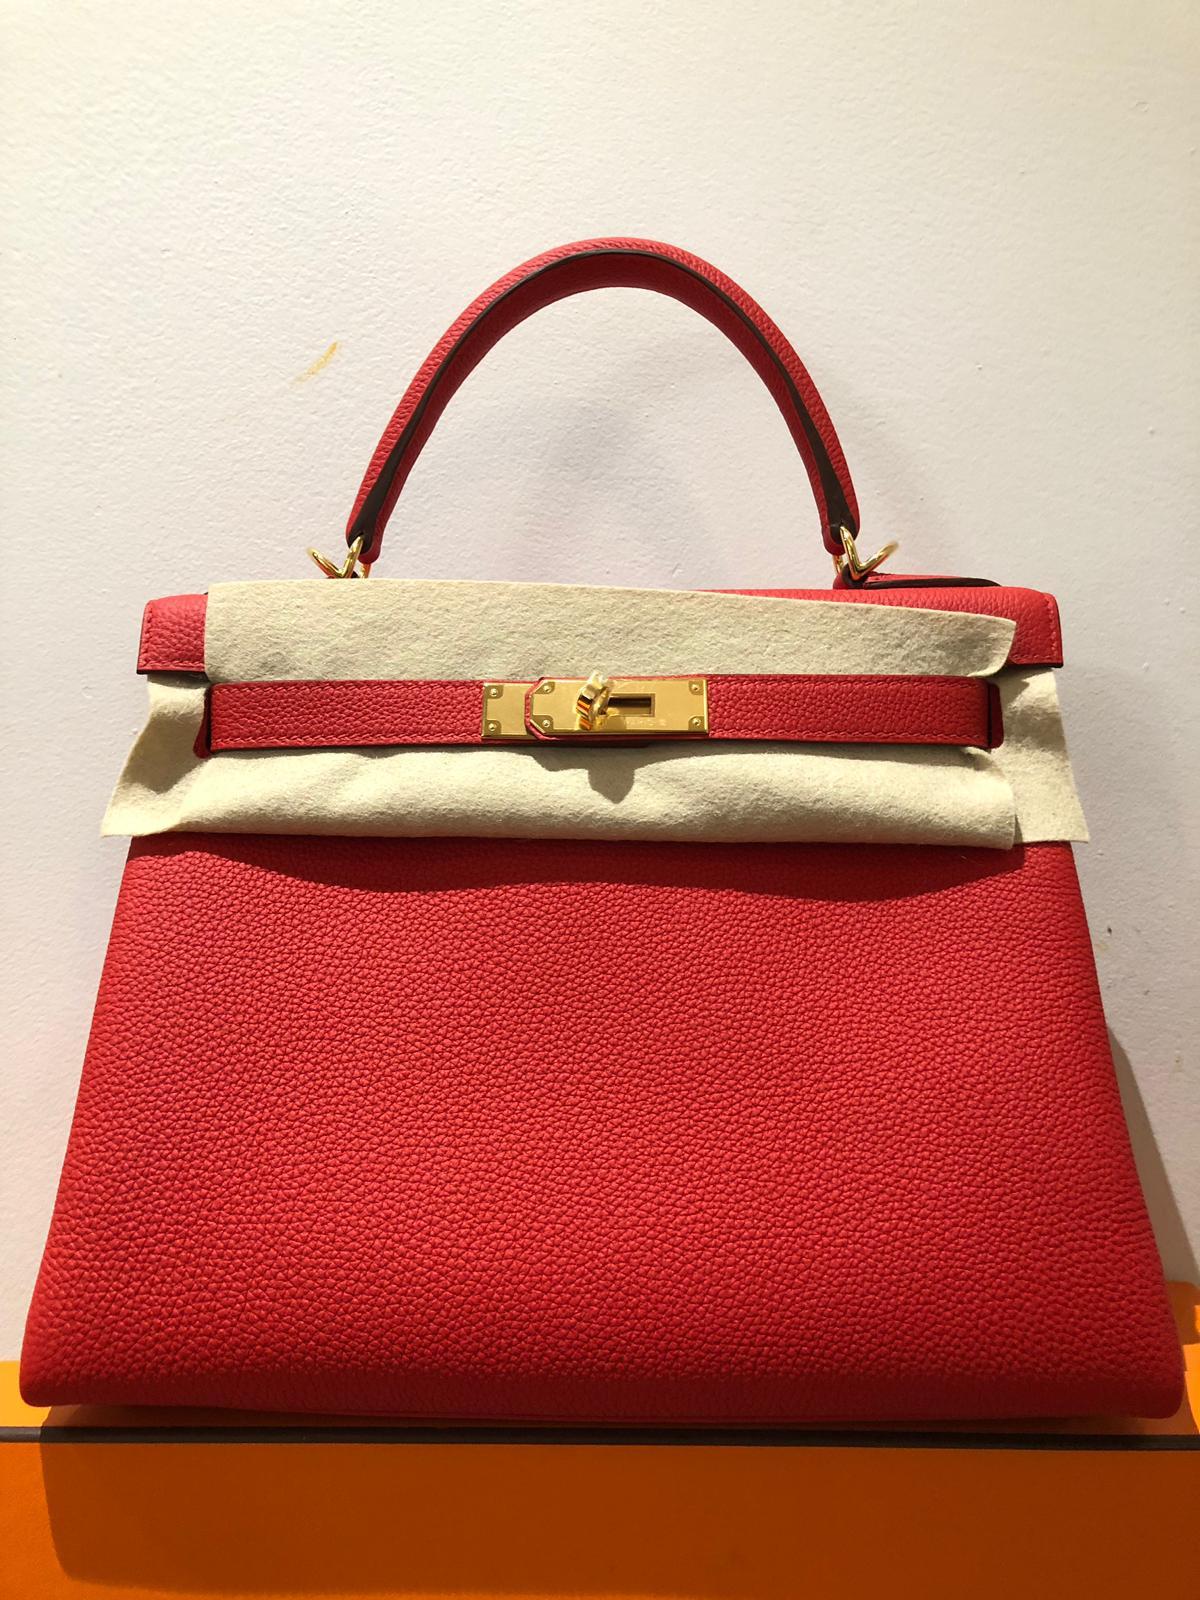 782c6f0c6c45 ... Hermes Kelly  Hermes Kelly. Details  Togo Leather